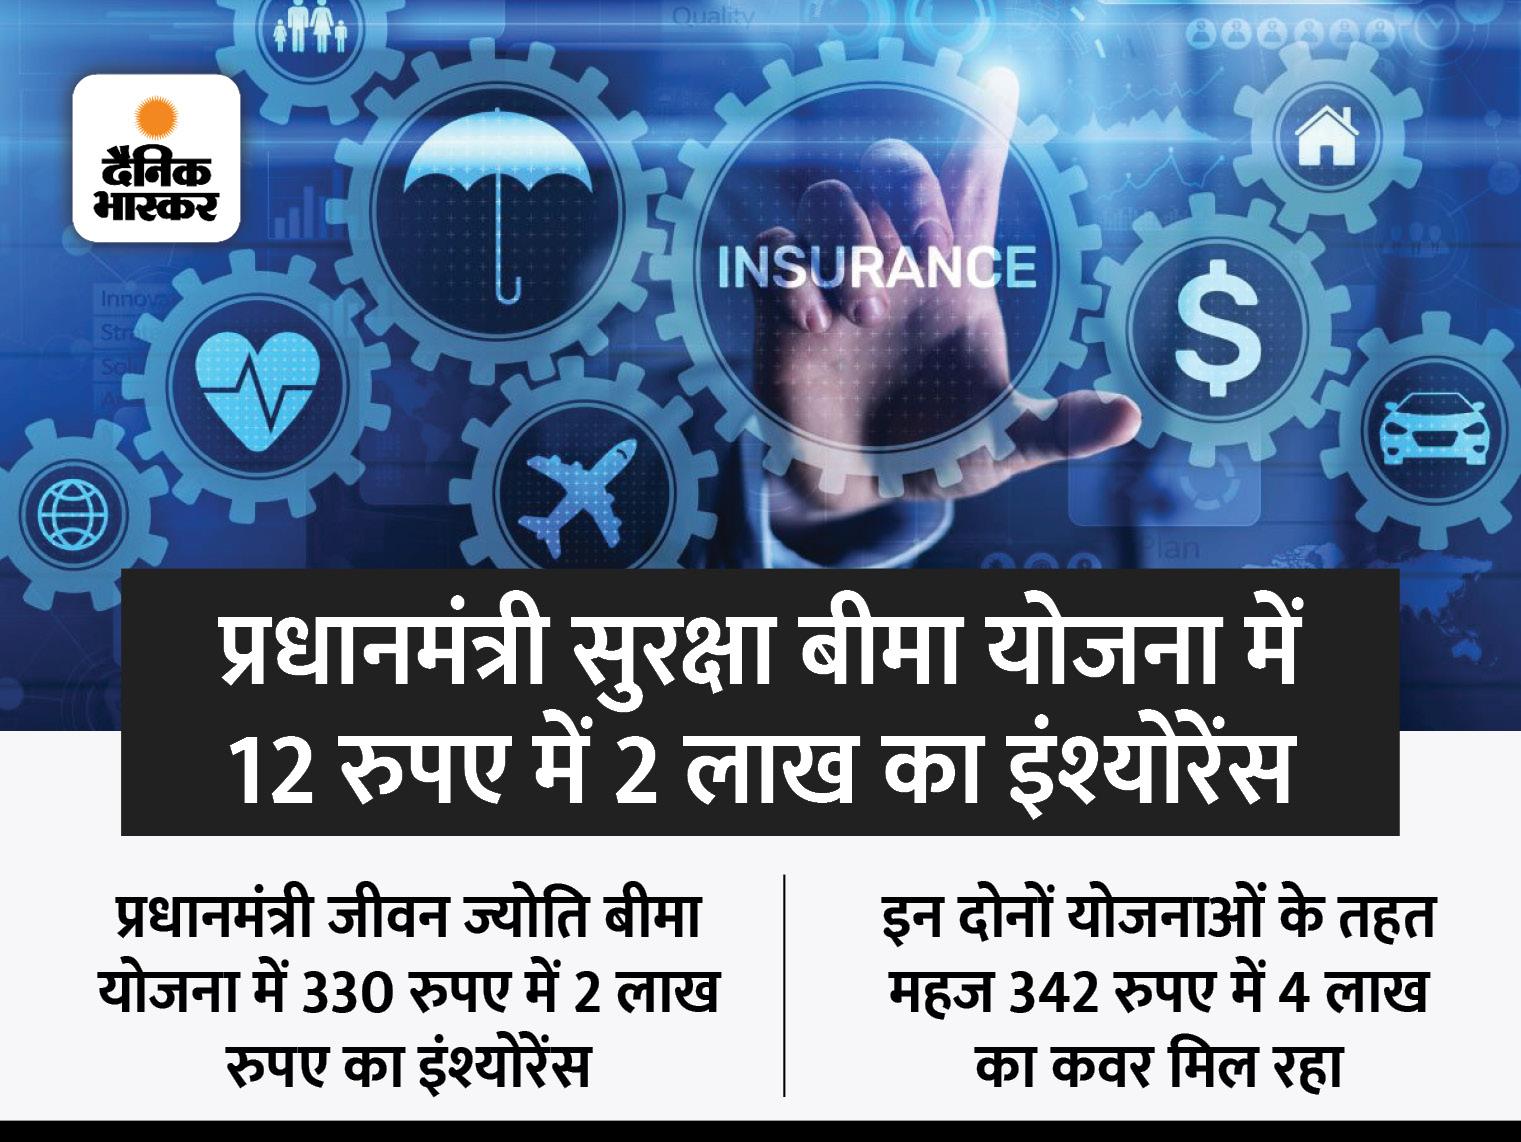 PM जीवन ज्योति बीमा और PM सुरक्षा बीमा योजना में 30 रुपए महीने से भी कम में मिलेगा 4 लाख का इंश्योरेंस, कोई भी व्यक्ति ले सकता है इनका लाभ|बिजनेस,Business - Dainik Bhaskar